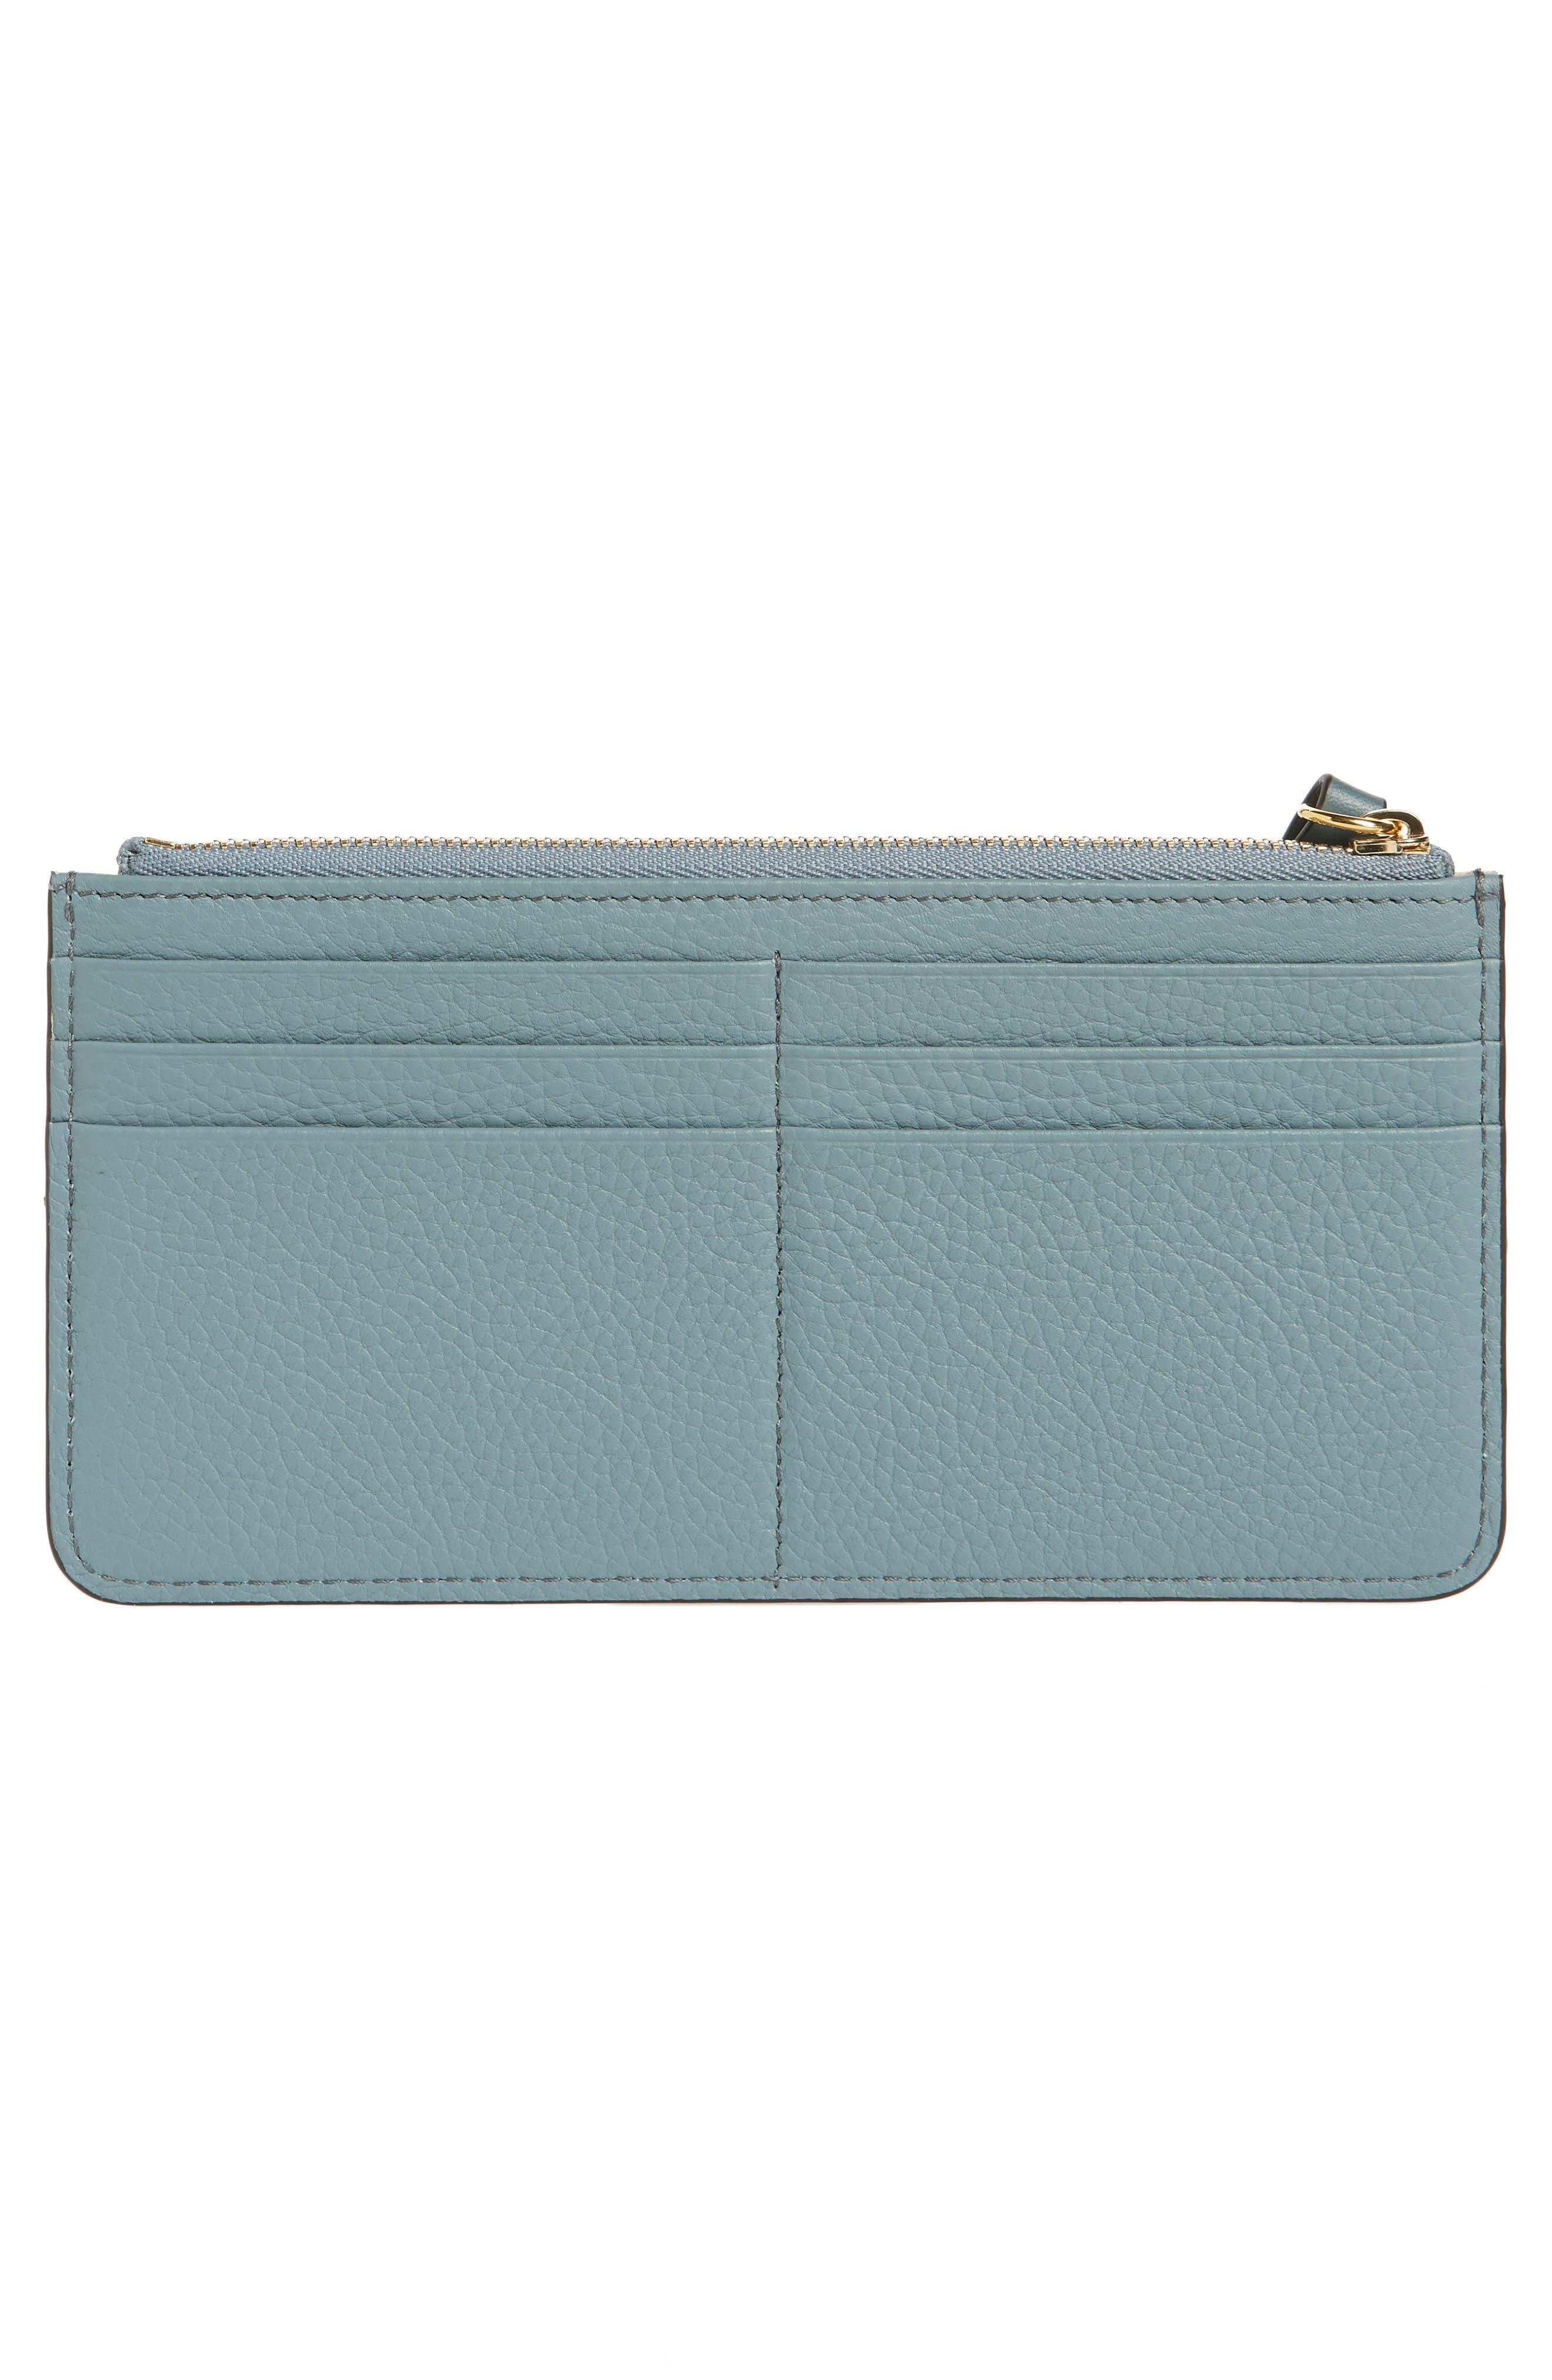 CHLOÉ, Zip Wallet Pouch, Alternate thumbnail 3, color, CLOUDY BLUE